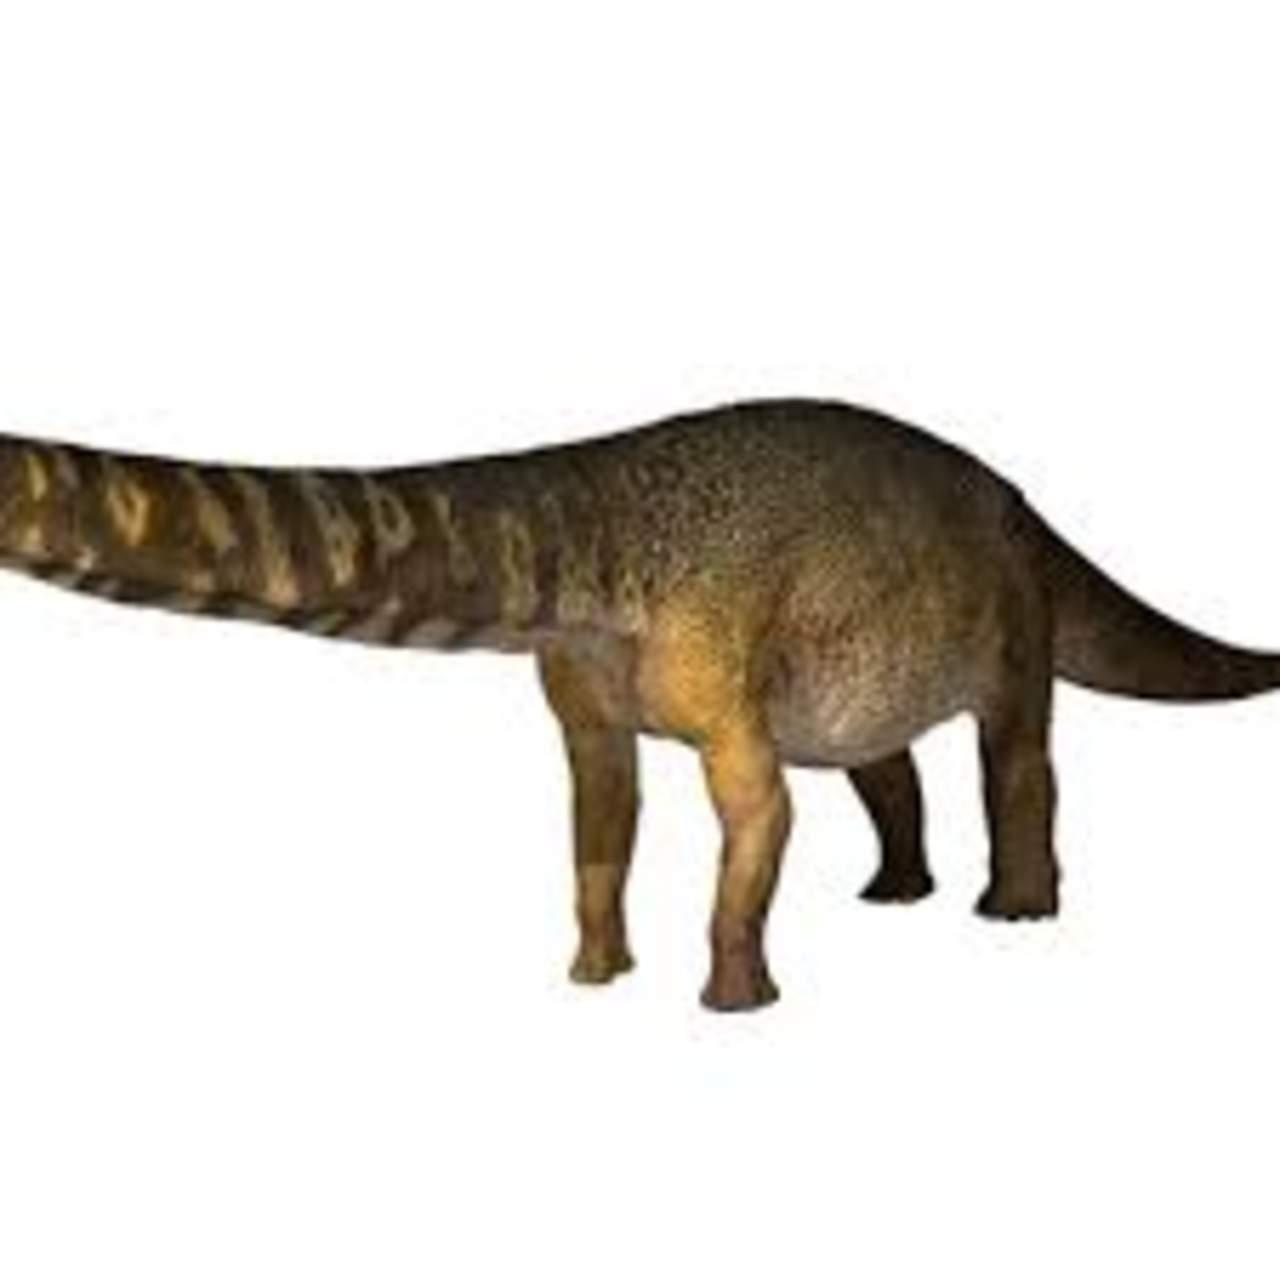 Identifican nueva especie de dinosaurio como la más grande de Australia